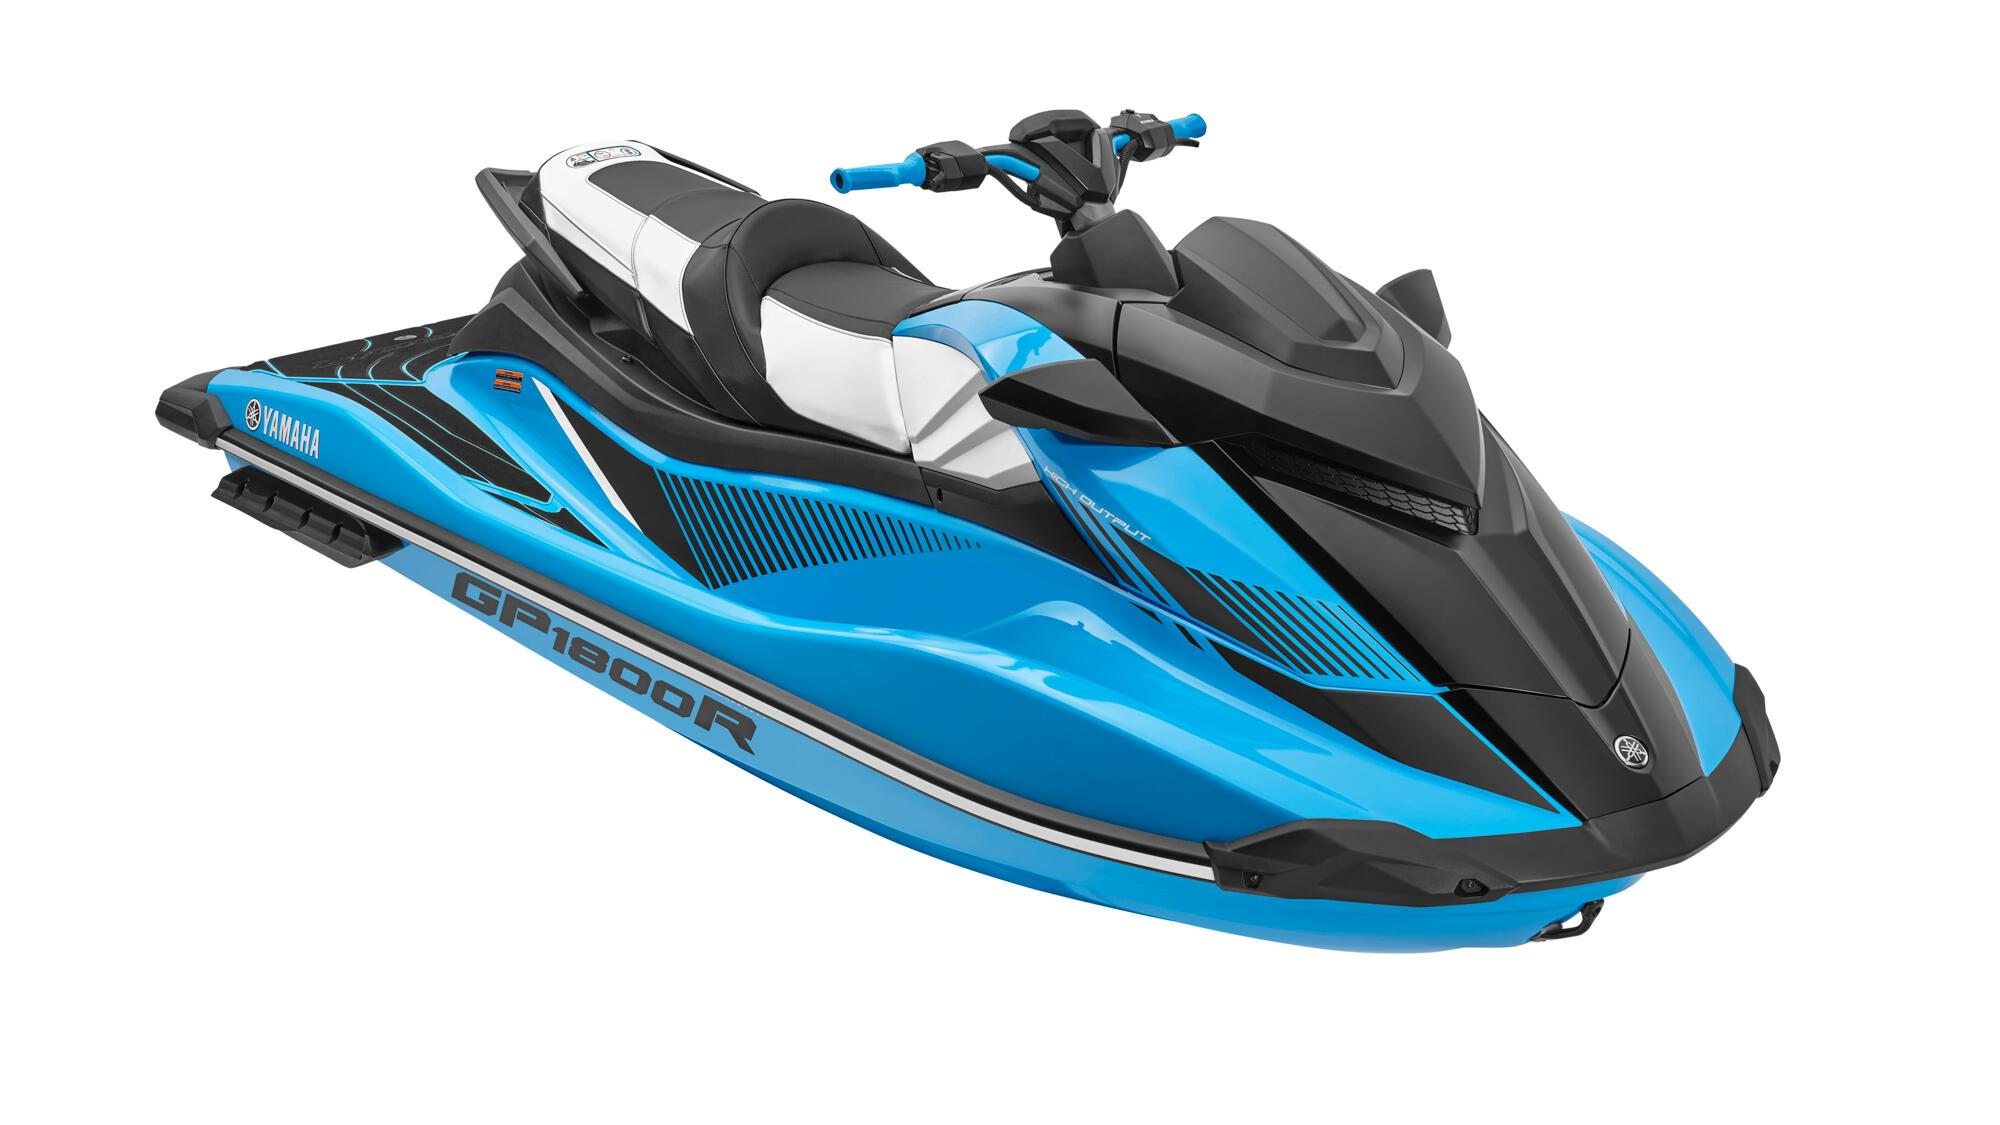 2022 - GP1800R HO Yamaha